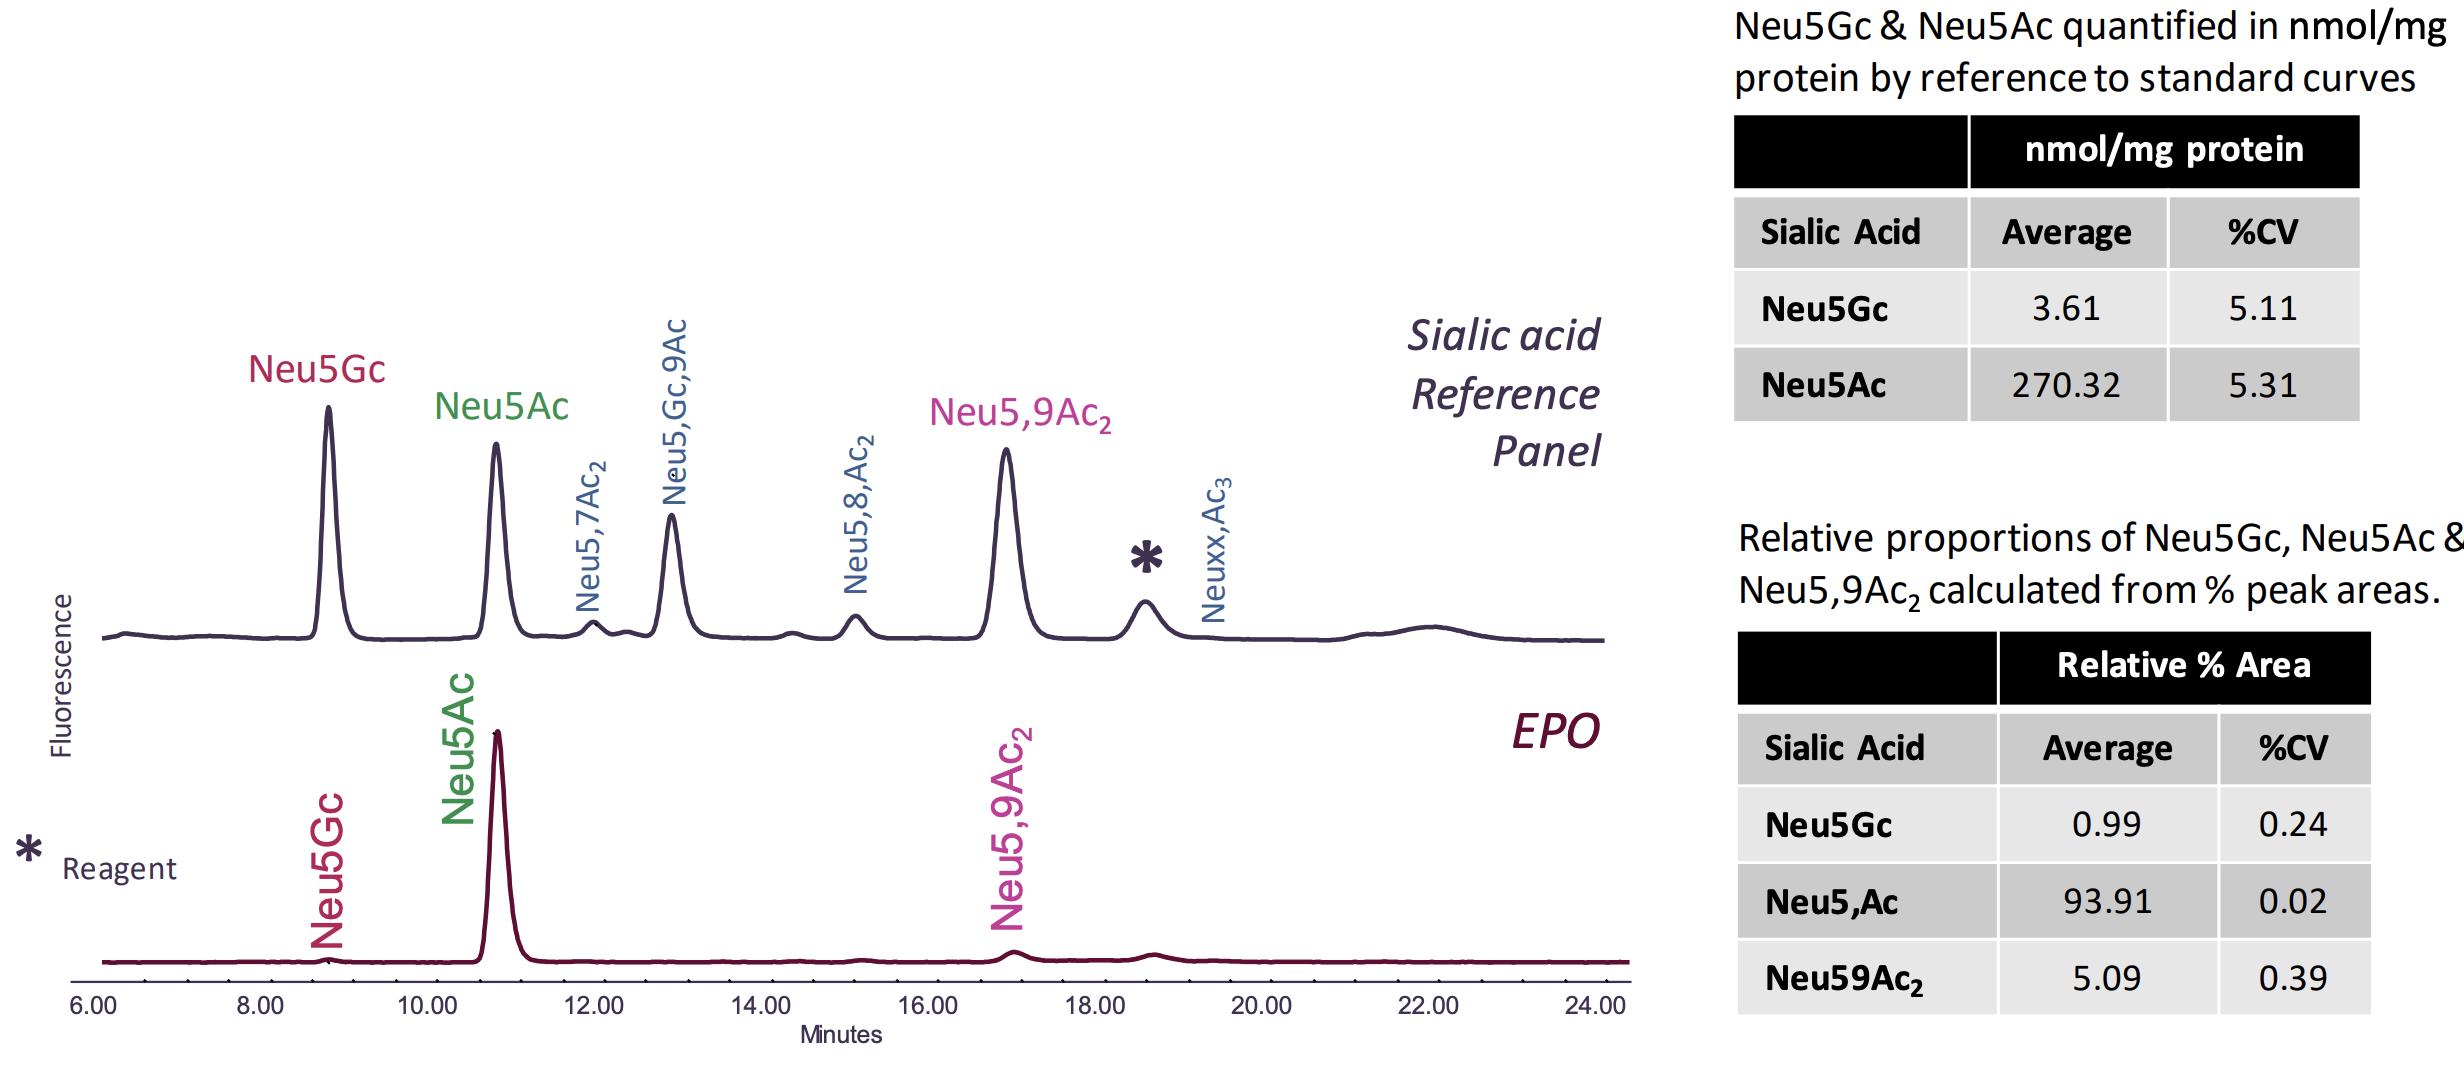 Sialic Acid Analysis of EPO